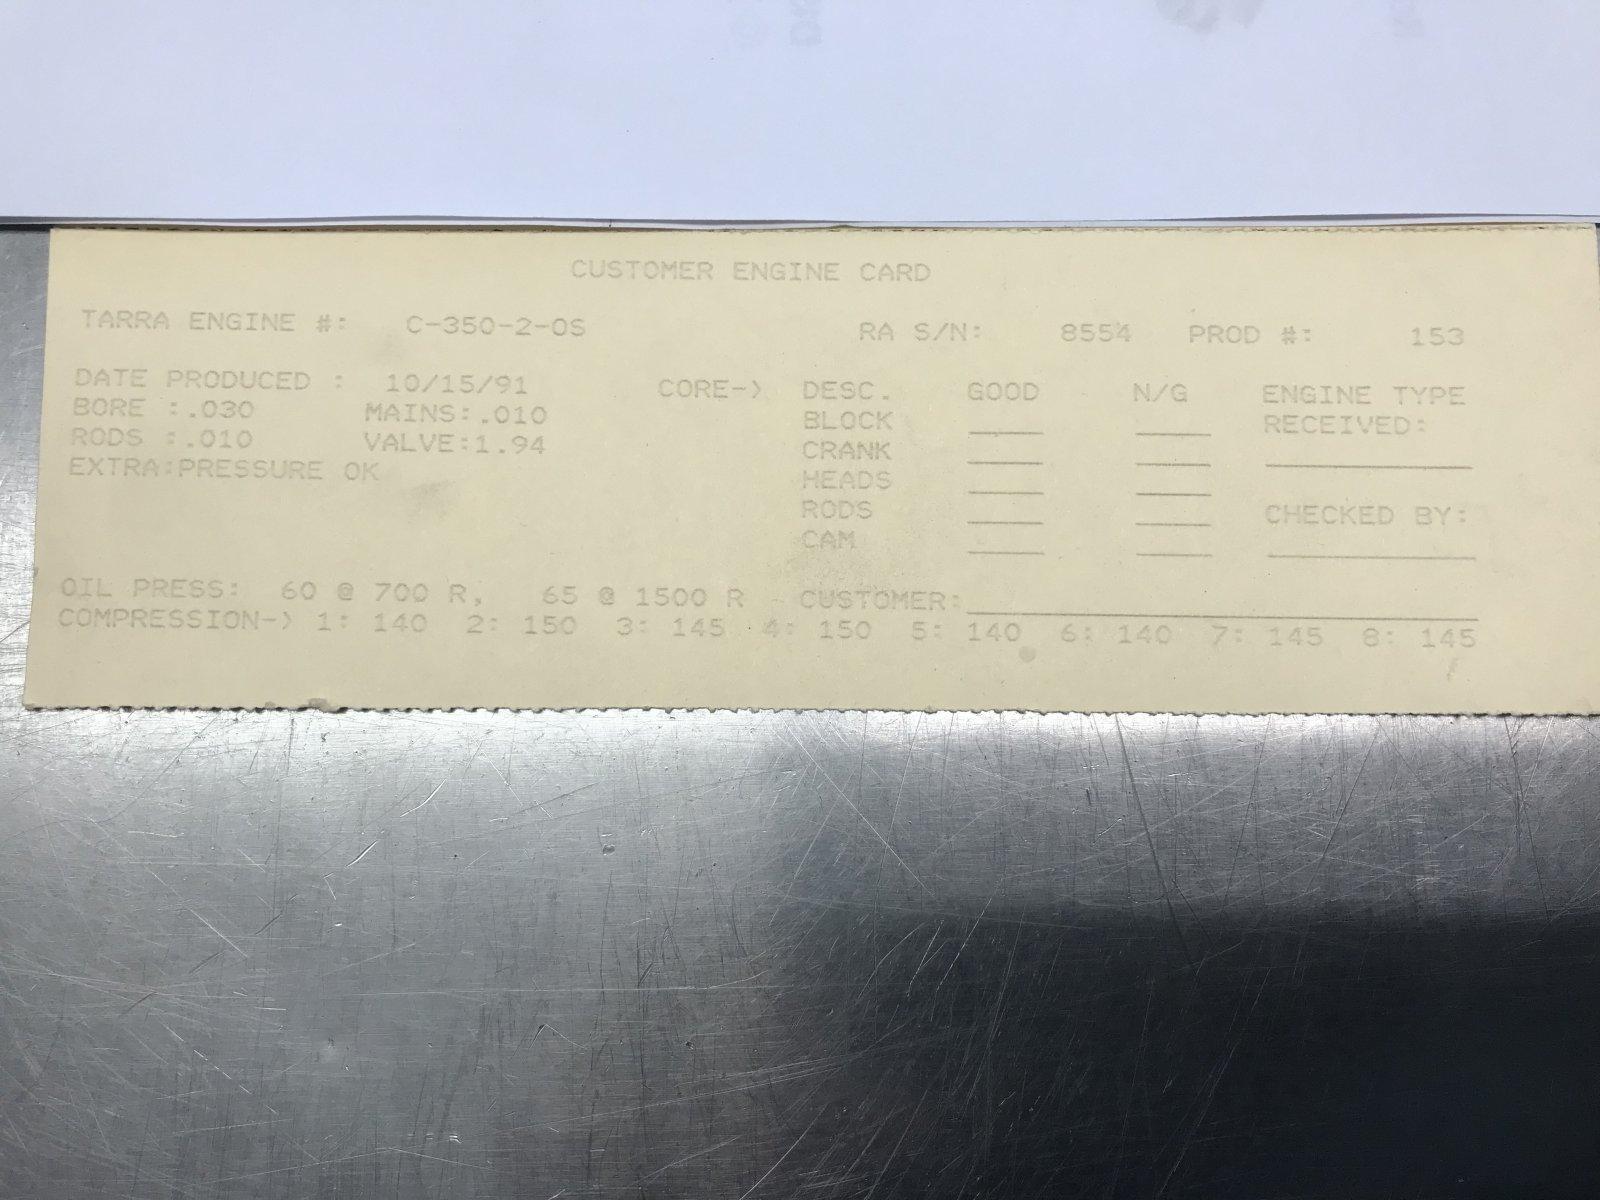 41C1D4F3-A234-4352-B41F-527474405EBA.jpeg